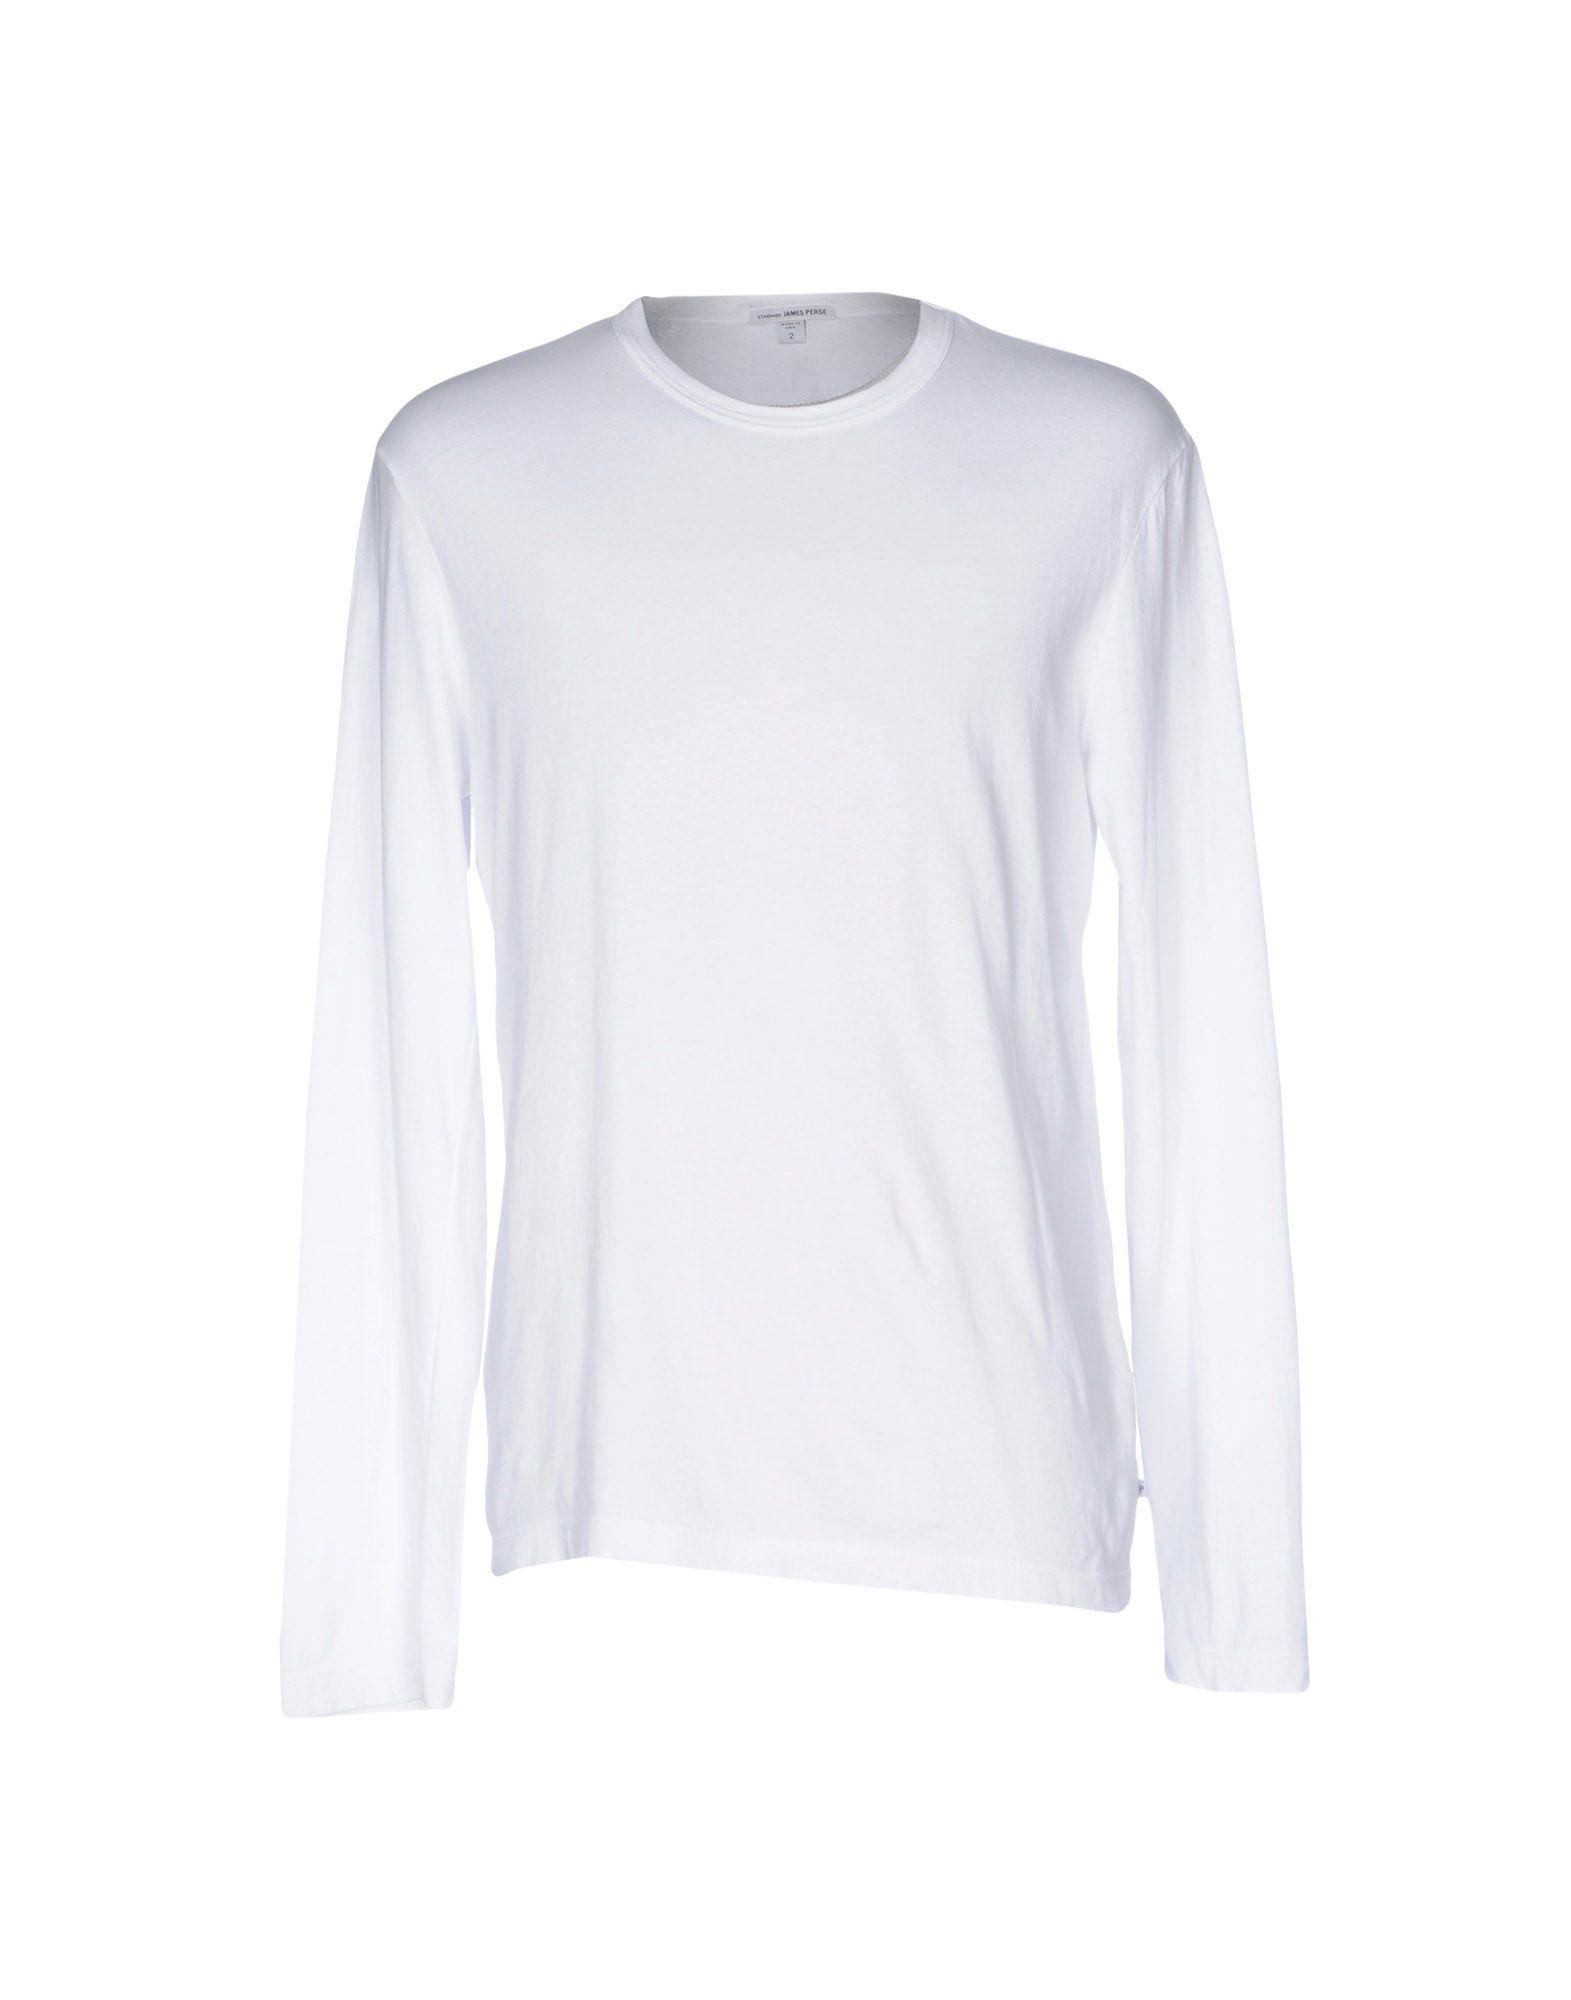 ee4bc5e4f3920 Lyst - T-shirt James Perse pour homme en coloris Blanc